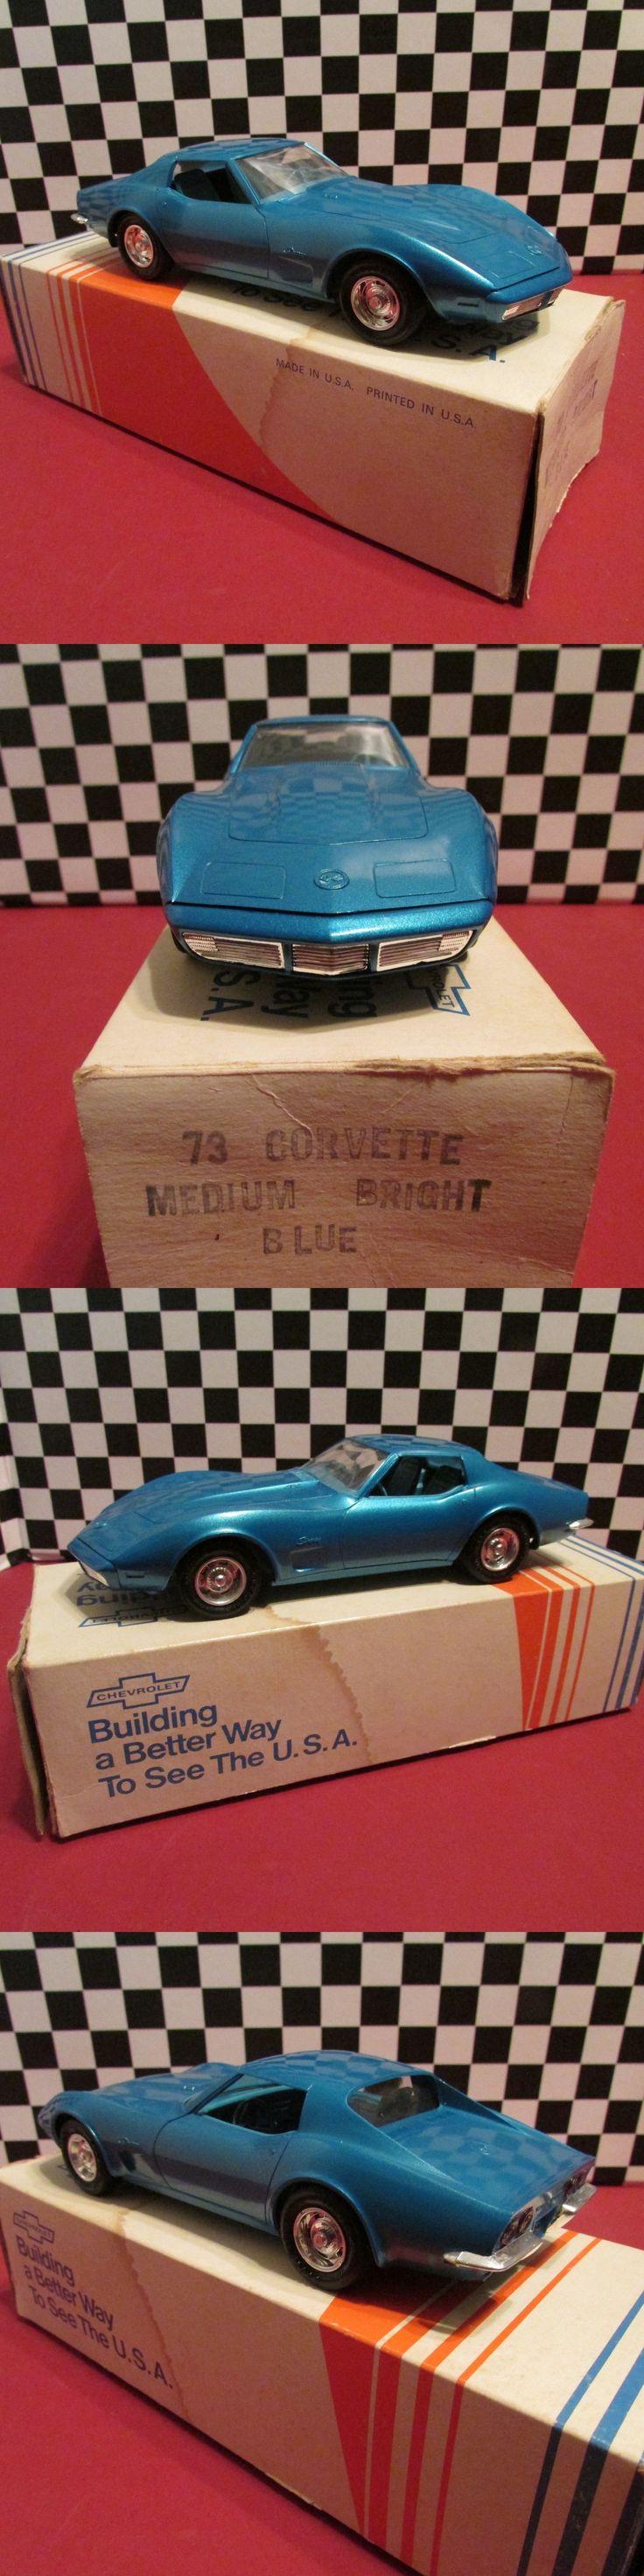 Promo 2592 1973 chevrolet corvette 1 25 scale dealership promotional model car mint